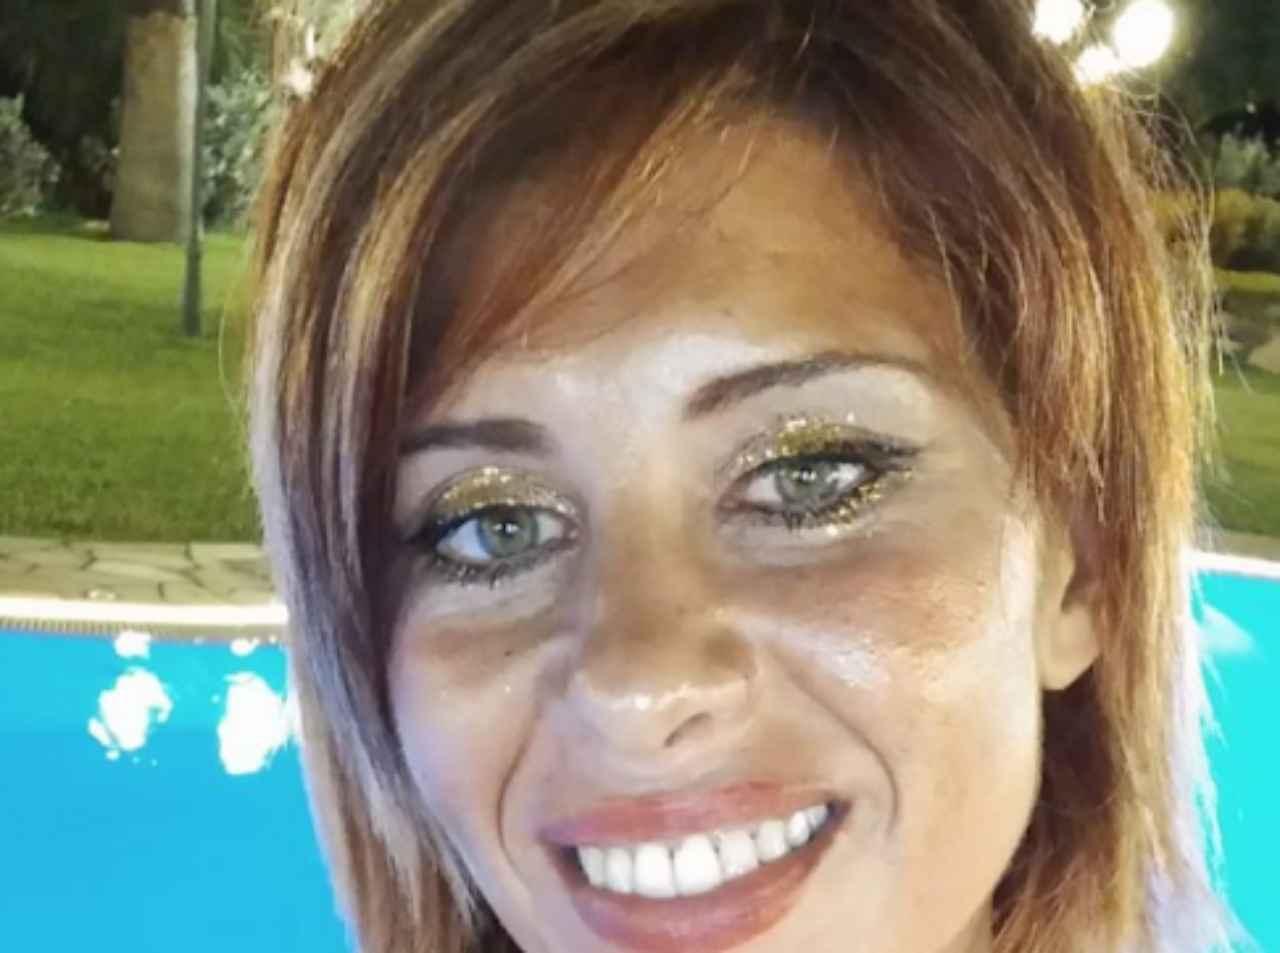 Madre e figlio di 4 anni scomparsi a Messina: paura per il piccolo